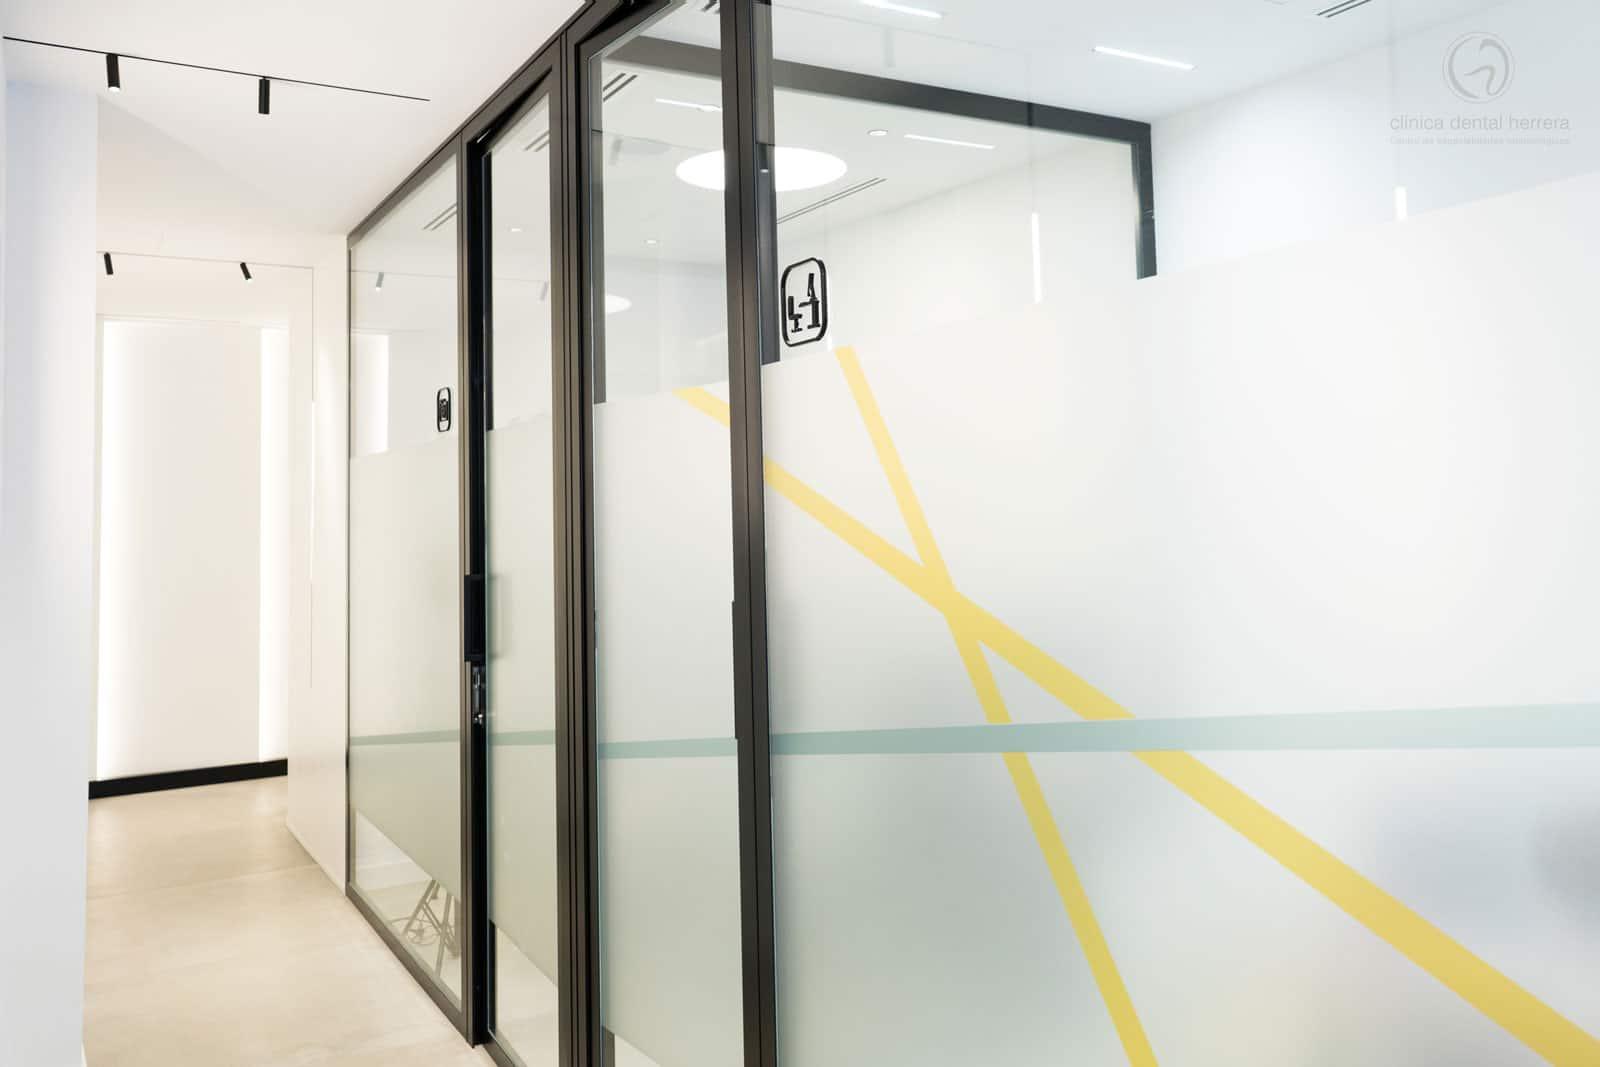 instalaciones-nuevas-clinica-dental-herrera